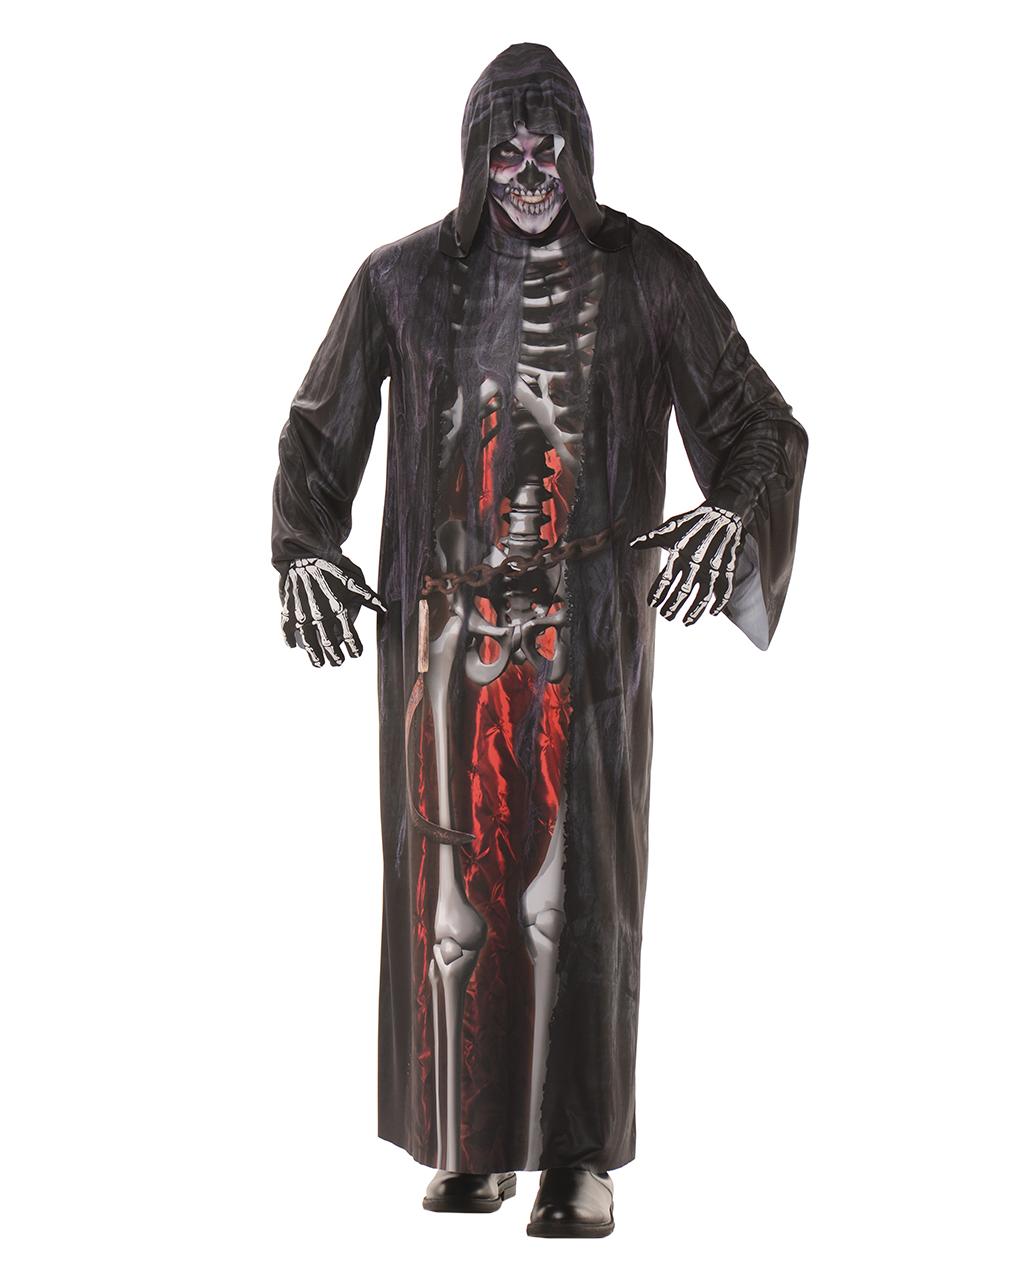 Grim Reaper Robe mit Fotodruck | Sensenmann Kostüm | Horror-Shop.com